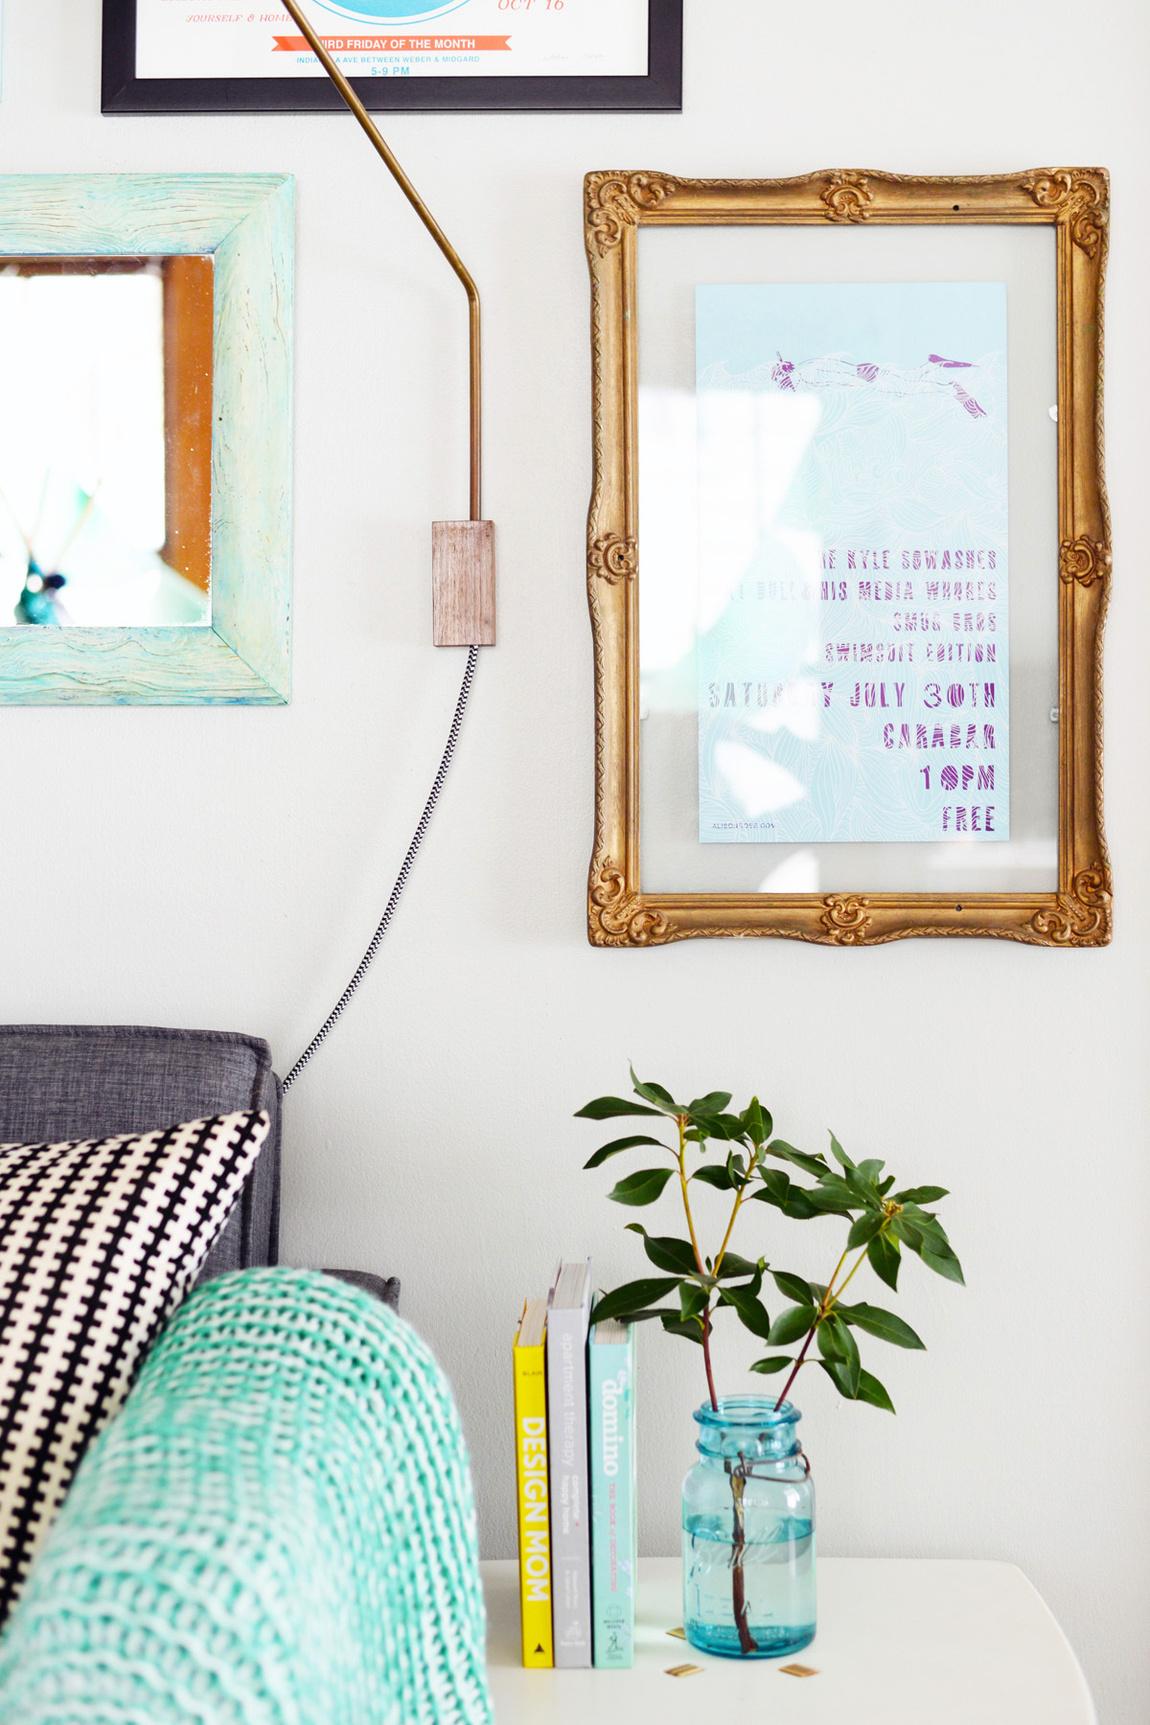 Chic Vintage-Inspired DIY Floating Frame